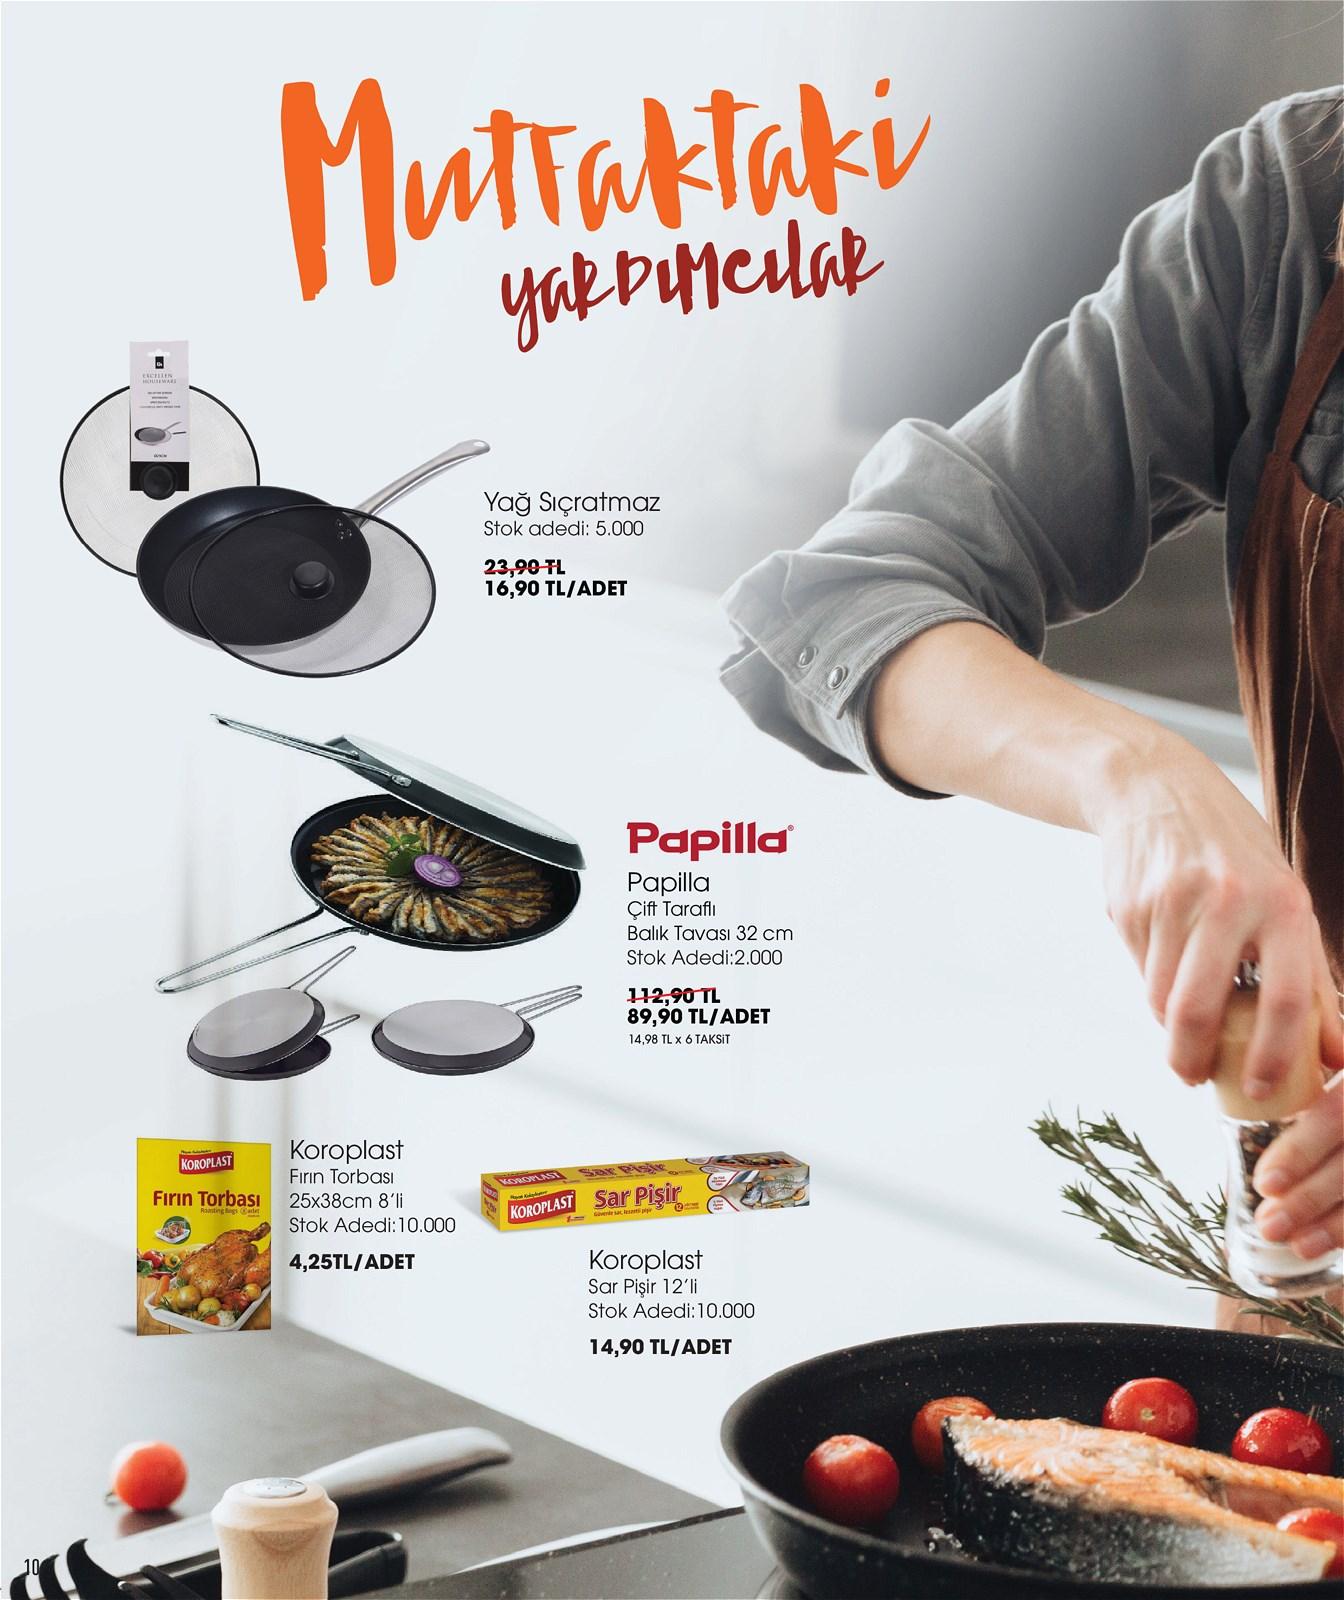 07.10.2021 CarrefourSA broşürü 10. sayfa